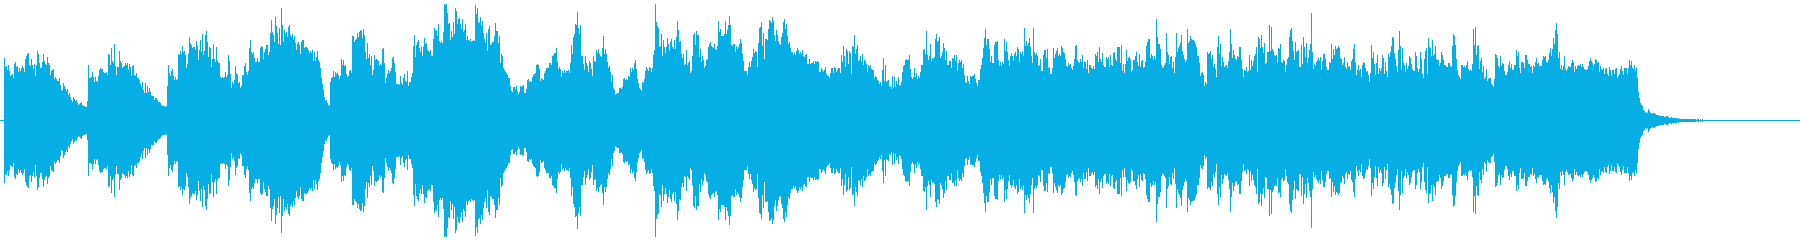 チェロとピアノによる日本の古い童謡風の再生済みの波形